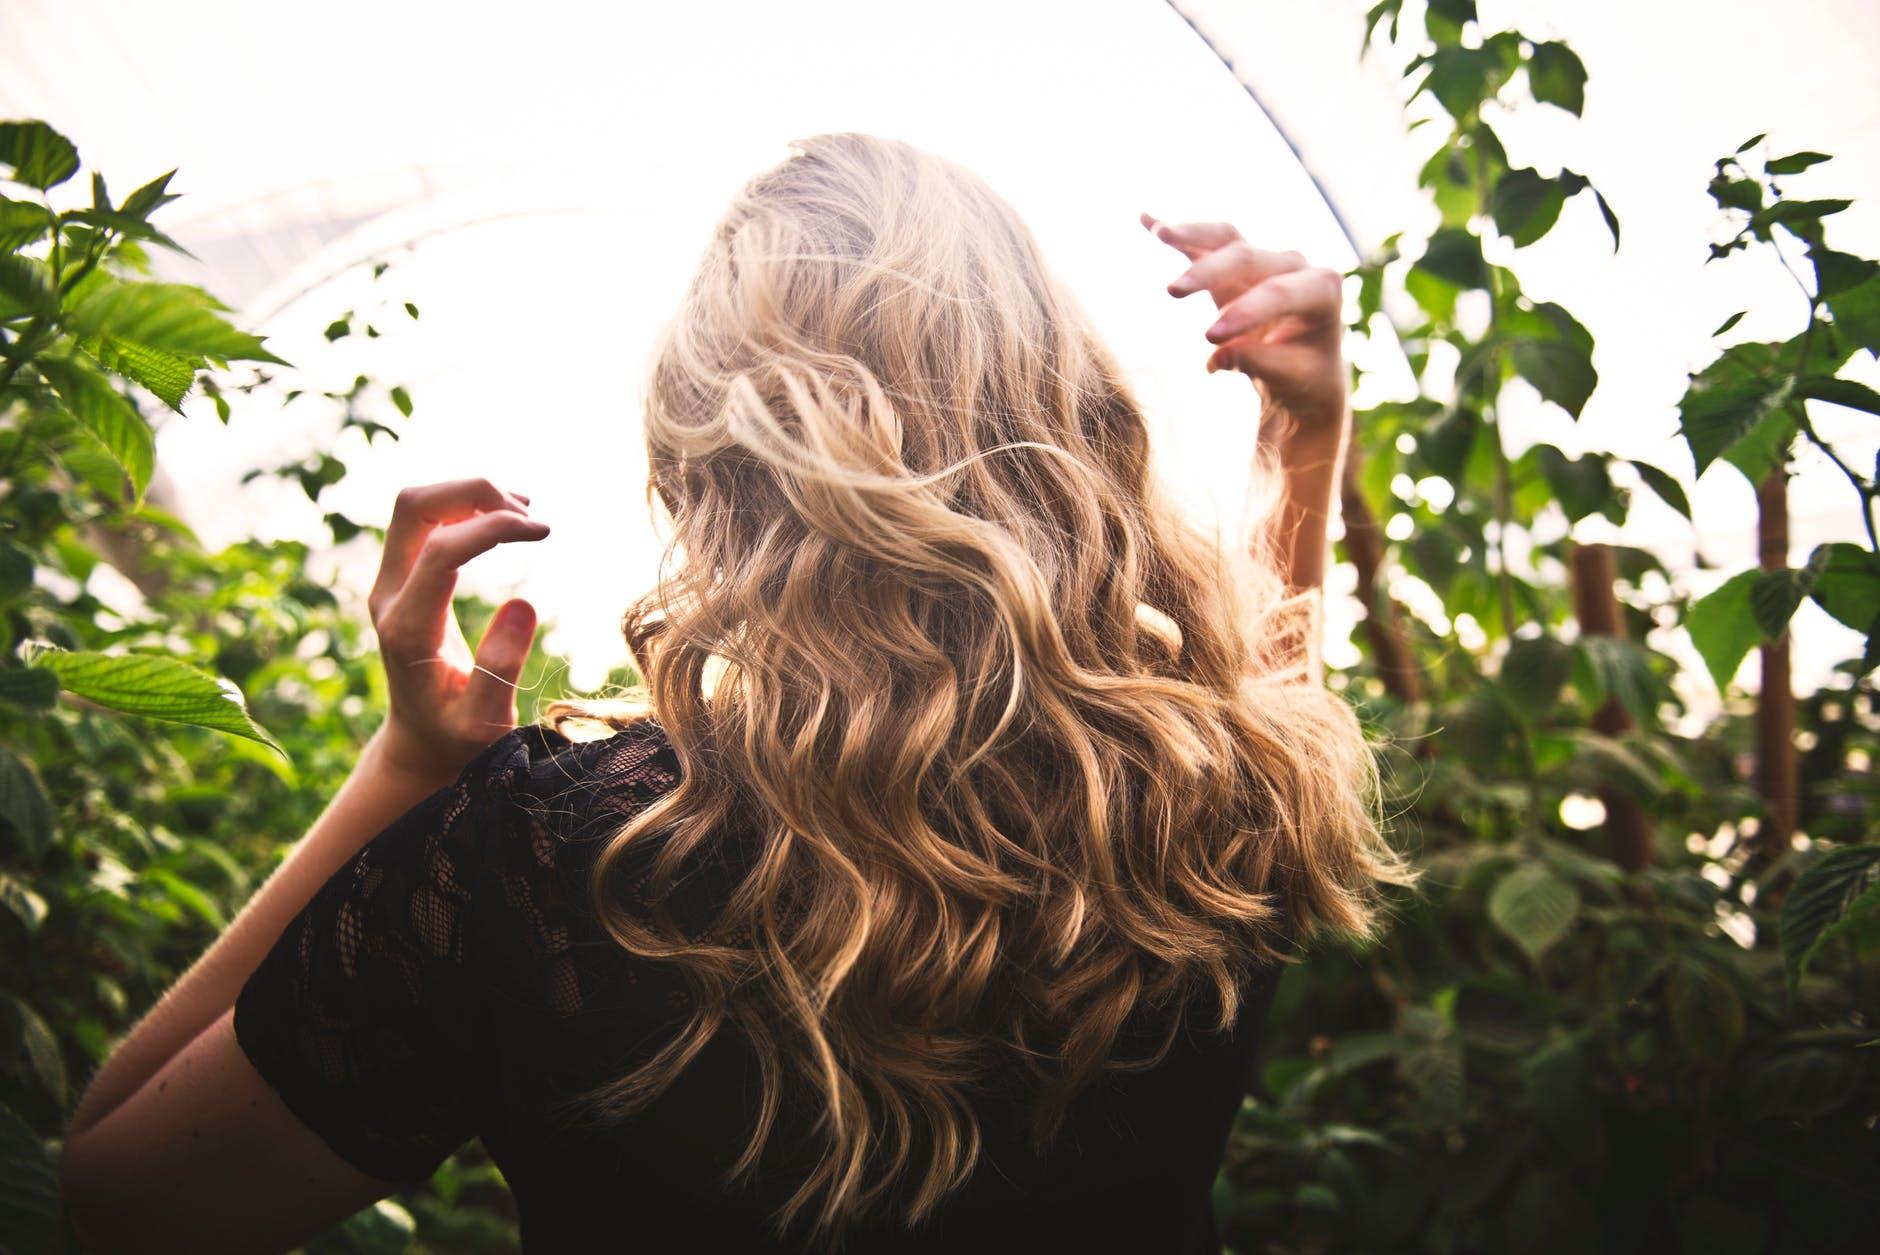 Muối biển-Cô gái tóc xoăn.